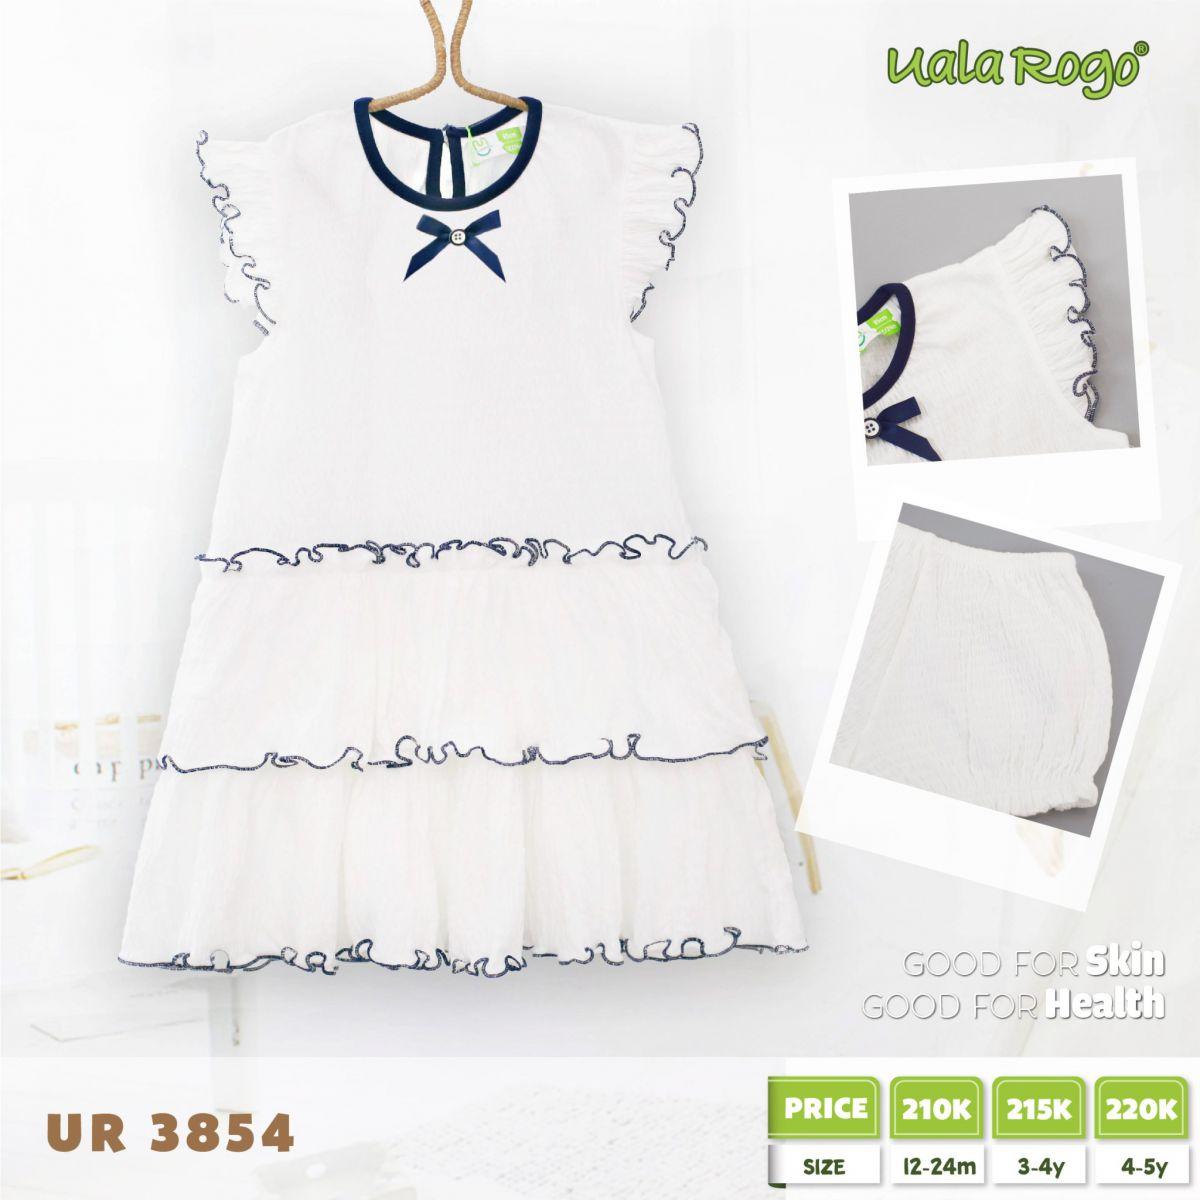 UR3854 - Đầm cho bé Uala Rogo - Màu trắng